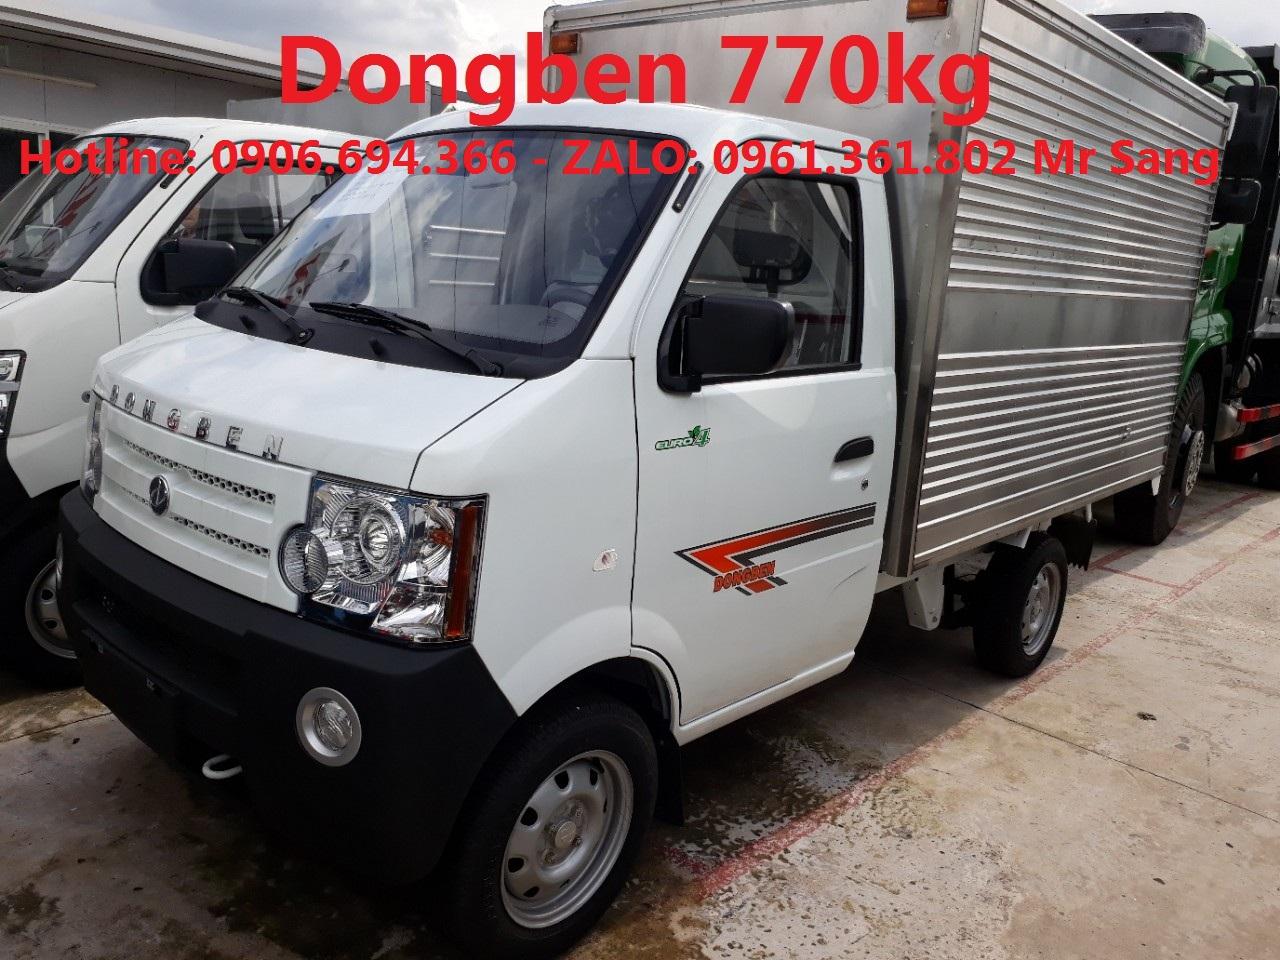 Bán xe tải thùng dưới 1 tấn Dongben 800kg động cơ SYM tiêu chuẩn EURO IV giá tốt FvIzh15_lw5X-CpVlMPxioYn51M771pB6TGsJfzGRccHwbhQ_rbU5IhZdNth74sl5AW89E8C2OOtGNDPk-7l0gaW851ynFDyXM5y6L0bn2hMd1WYHAm7KzOEgpSvq4fTgEiCMDeR